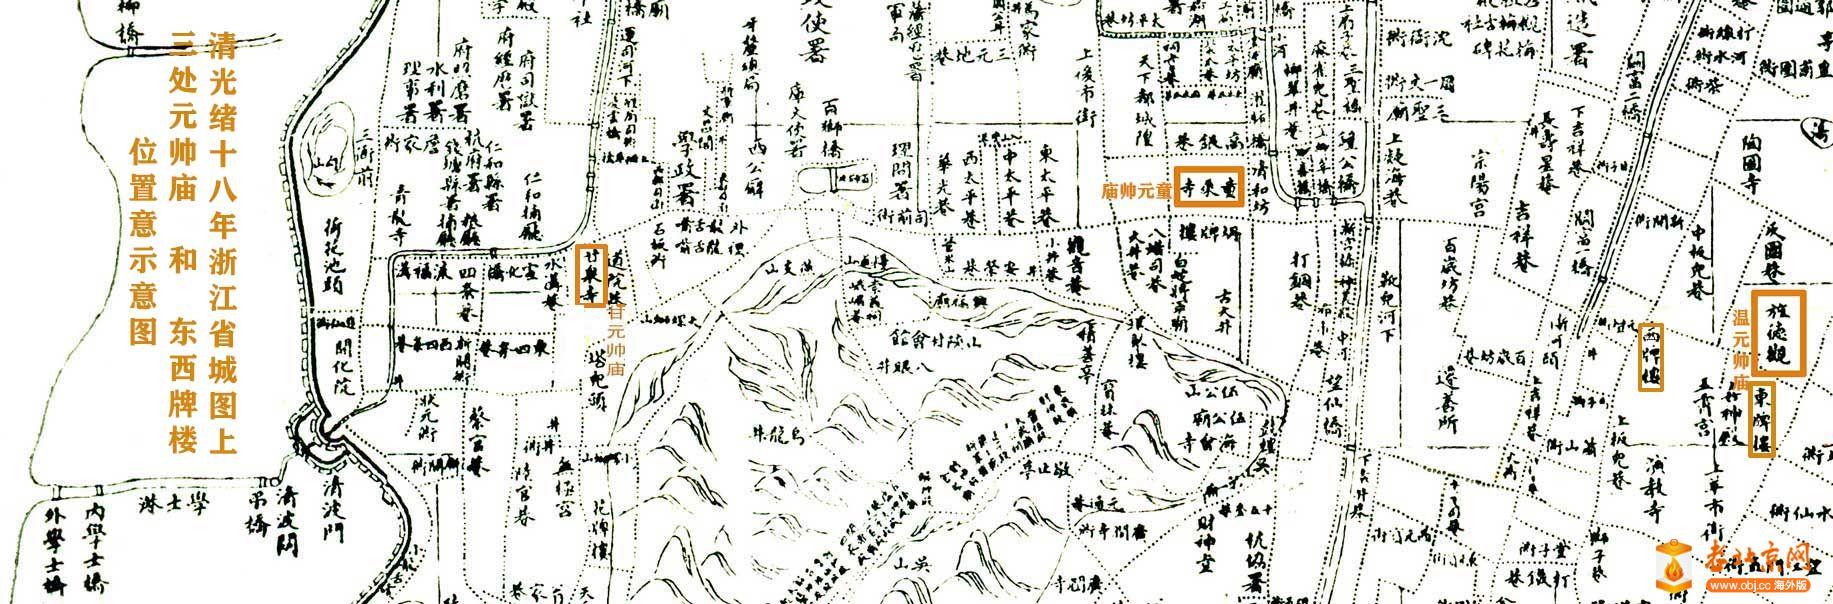 """清光绪十八年(1891《浙江省城图》三处""""元帅庙""""和东、西牌楼-位置示意图00.jpg"""